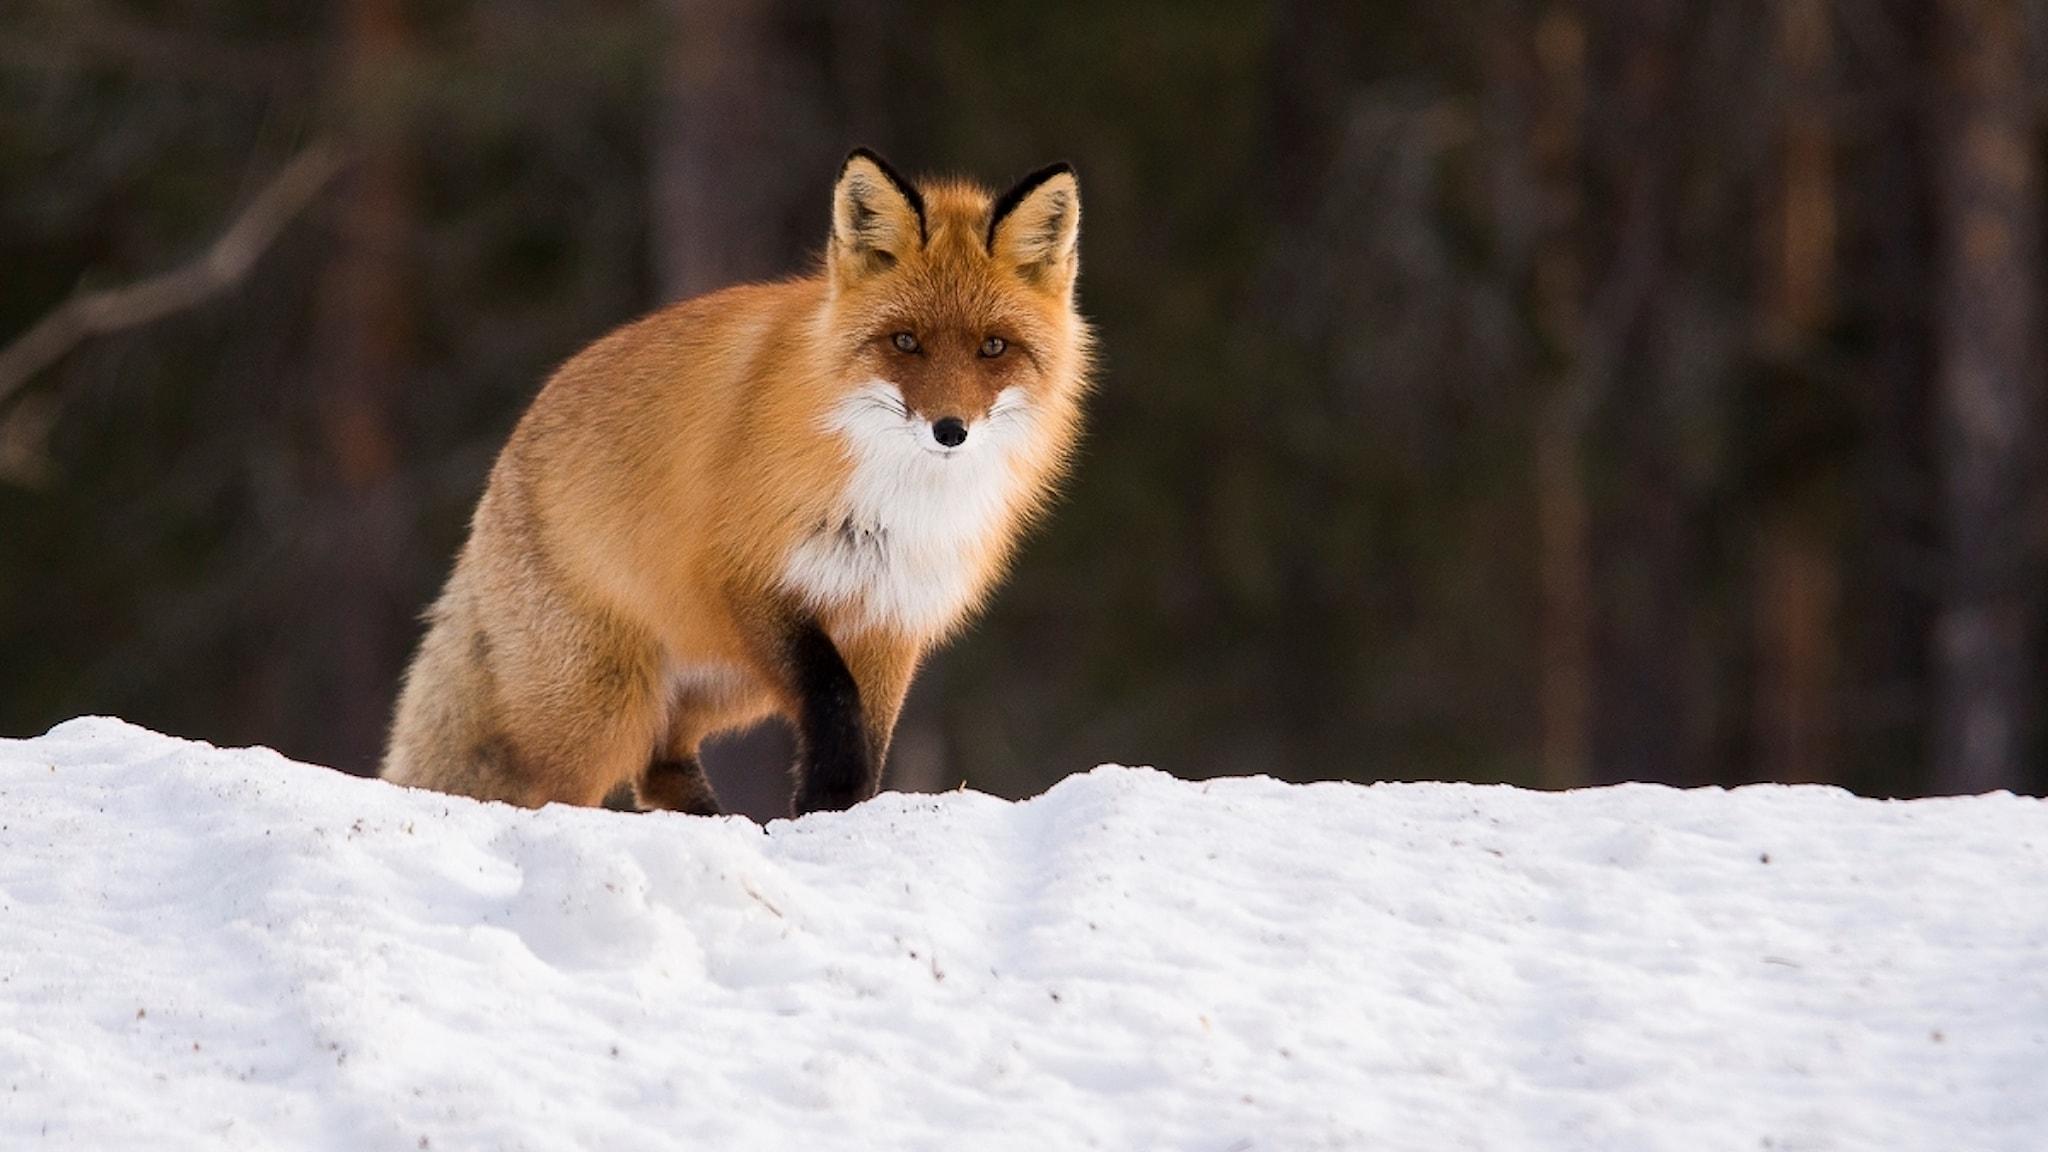 En rödräv står på snön och tittar rakt in i kameran. Foto: Anders Gustafsson